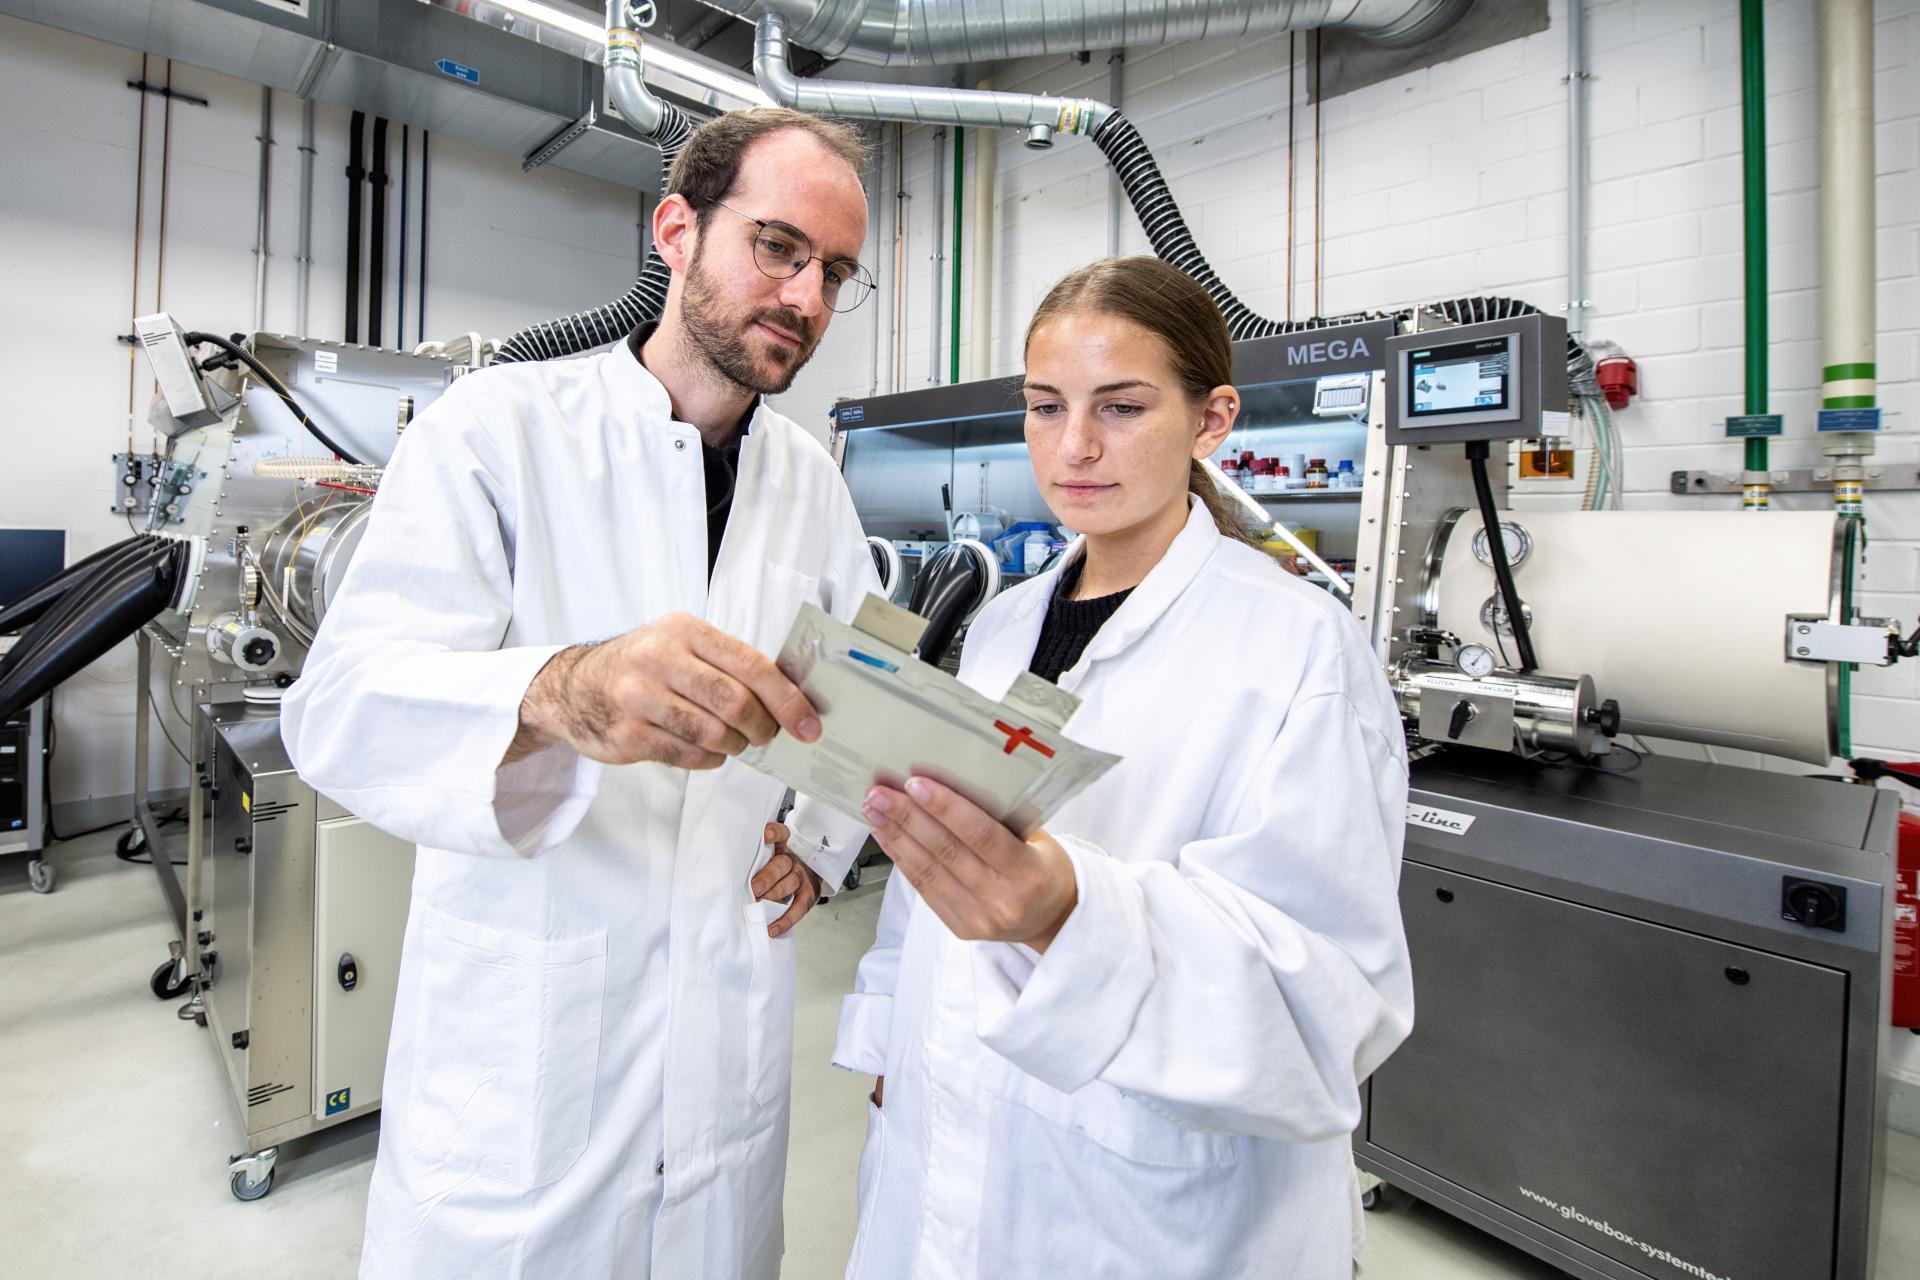 DLR-Elektroauto-Batterie-Forschung